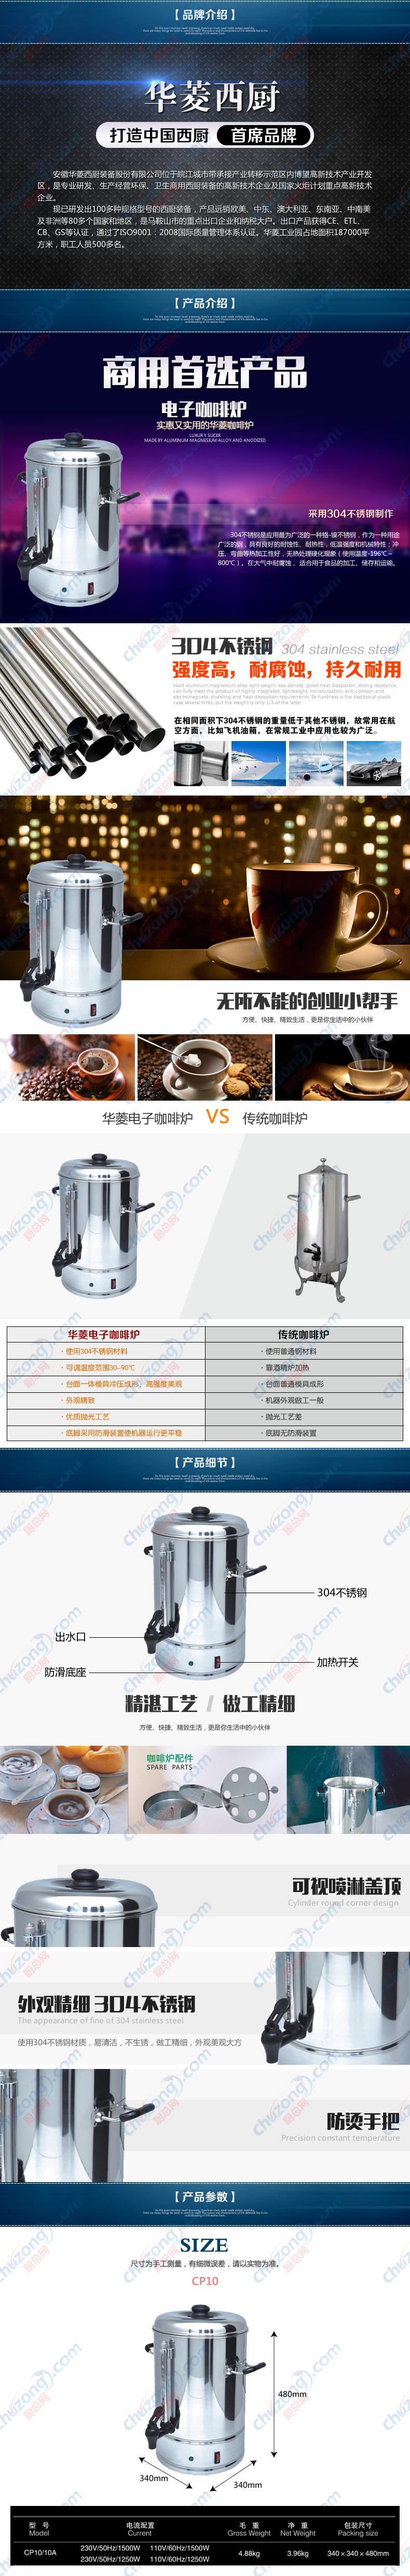 華菱西廚咖啡爐,電熱咖啡爐,不銹鋼咖啡爐CP10